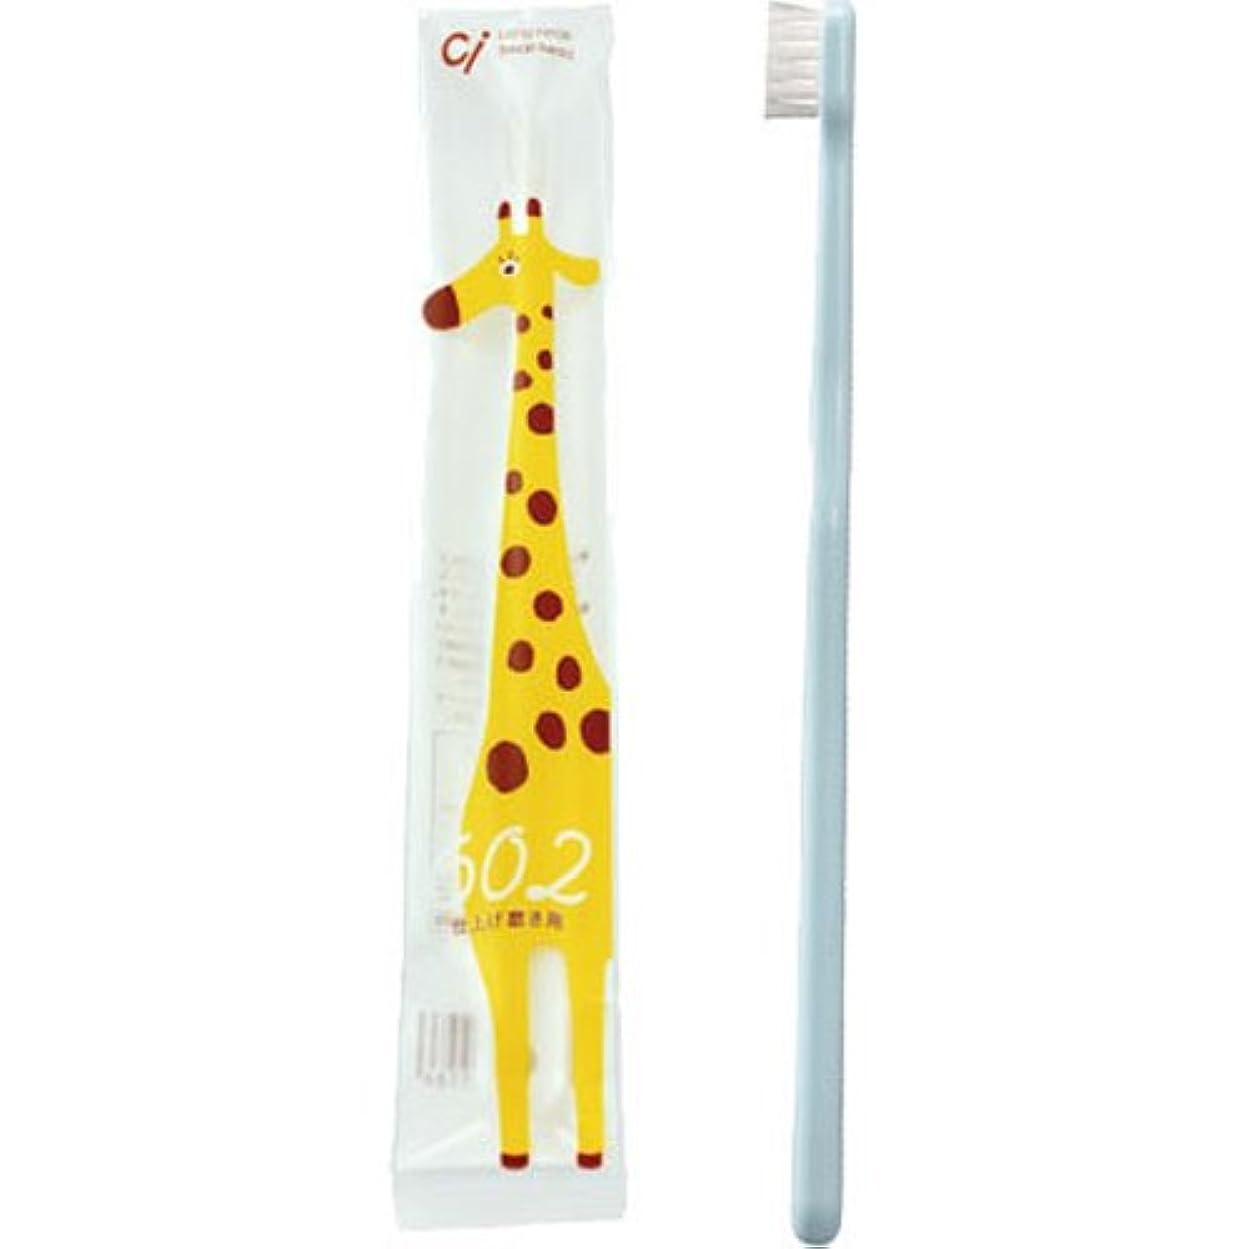 毎月おじいちゃんスポーツマンCi(シーアイ) 歯ブラシ 仕上げ磨き用 #602 1本入